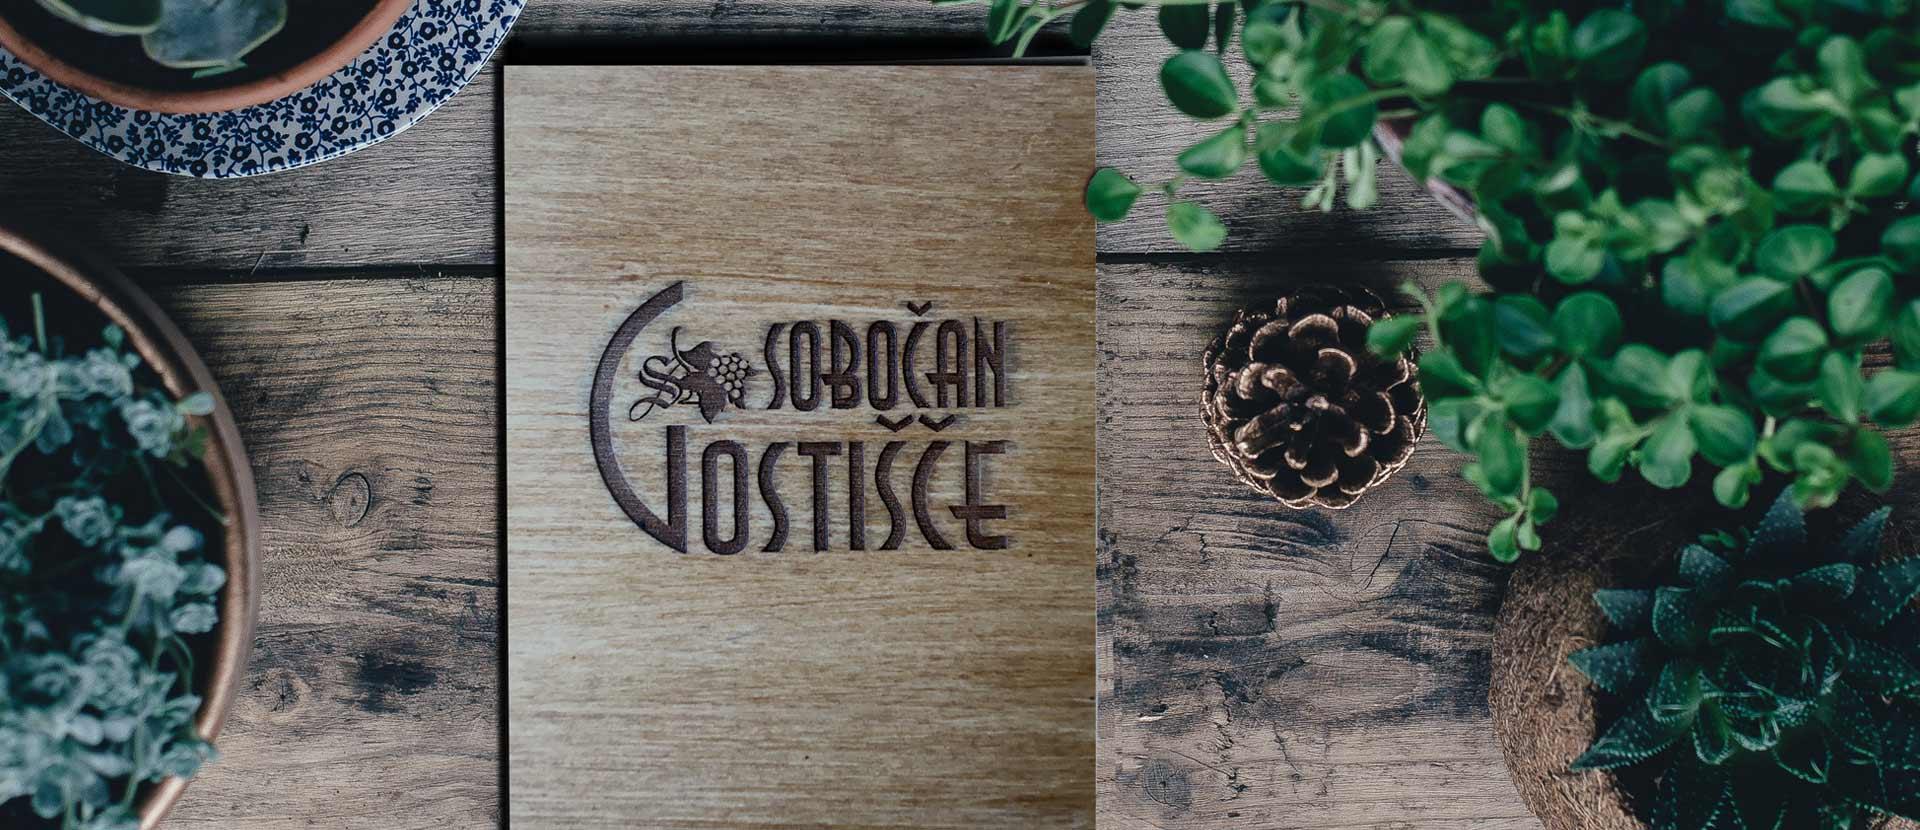 Gostisce-Sobocan-66